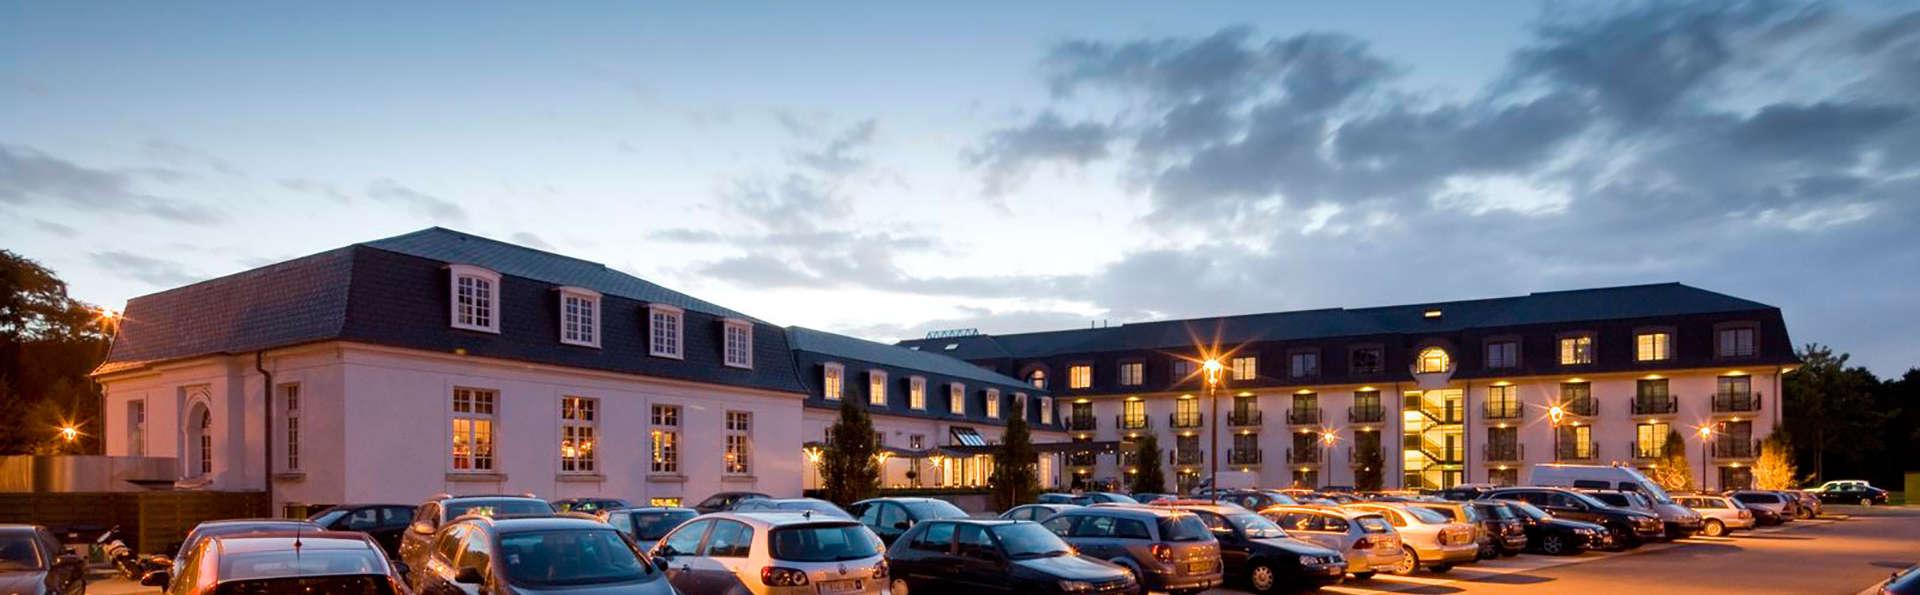 Hotel Van der Valk Brugge Oostkamp - edit_Hotel.jpg